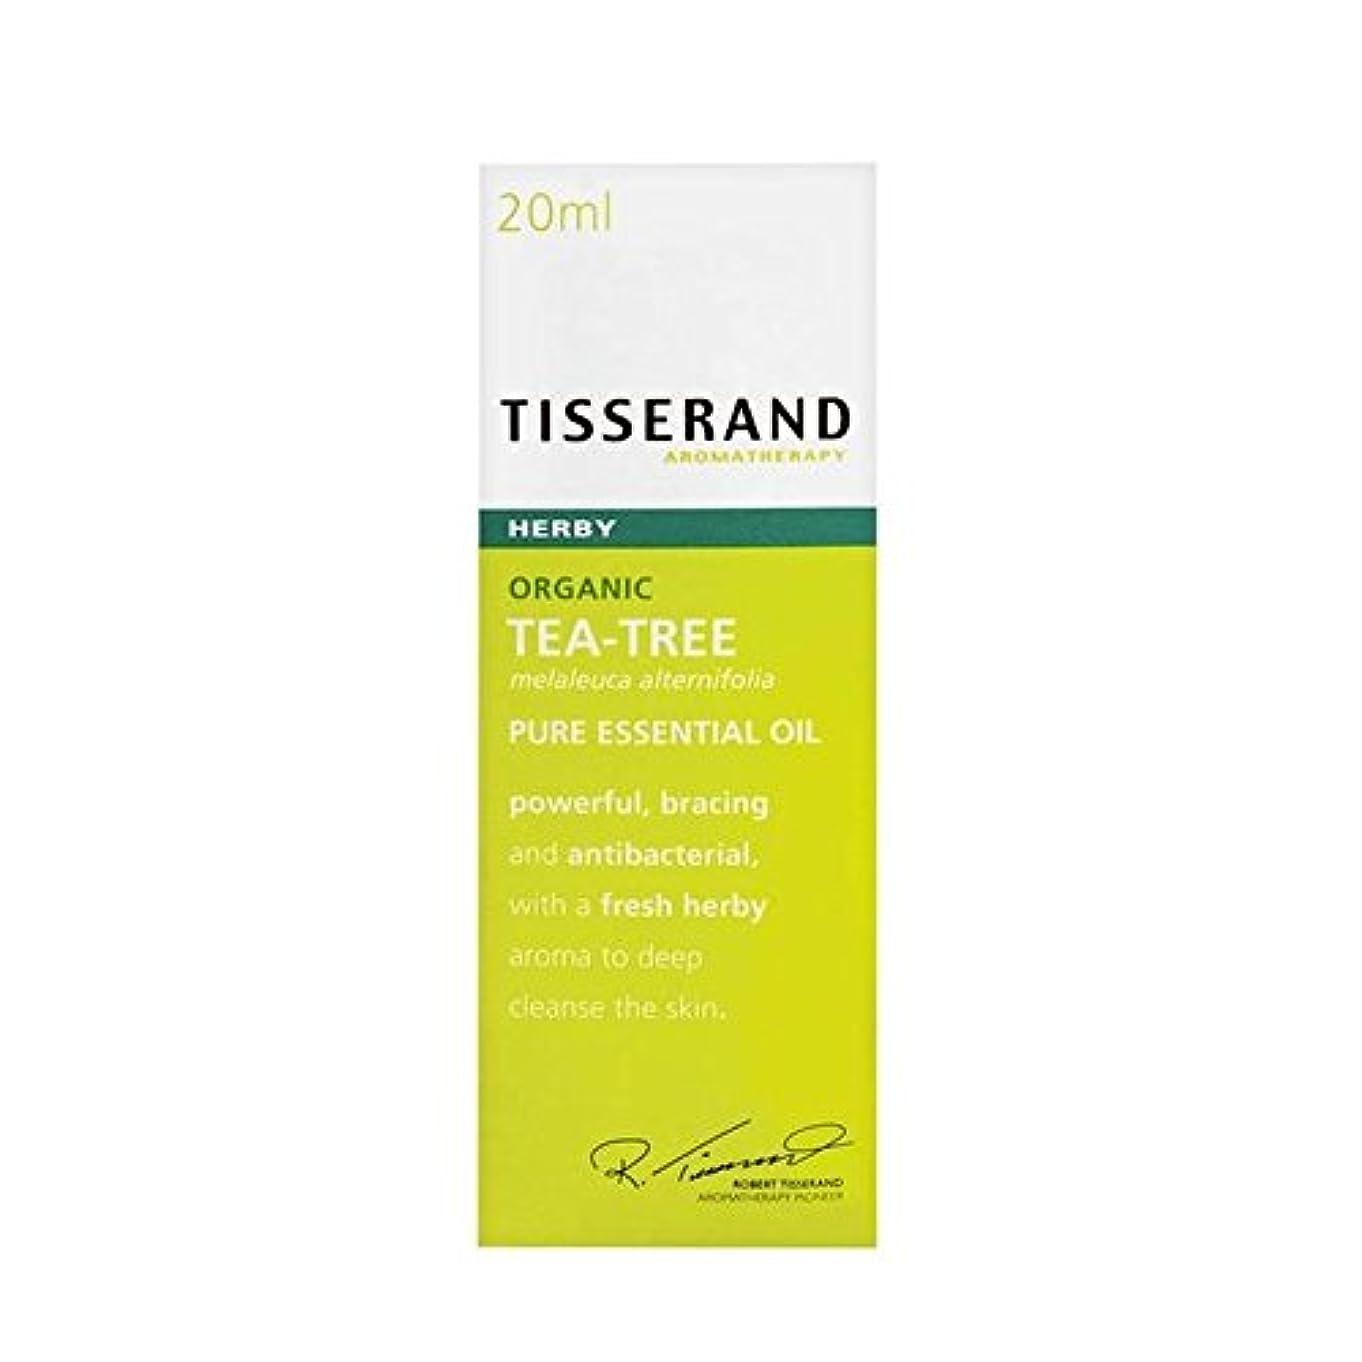 成人期法廷ビートティスランドティーツリーオーガニックピュアエッセンシャルオイル20ミリリットル x2 - Tisserand Tea Tree Organic Pure Essential Oil 20ml (Pack of 2) [並行輸入品]